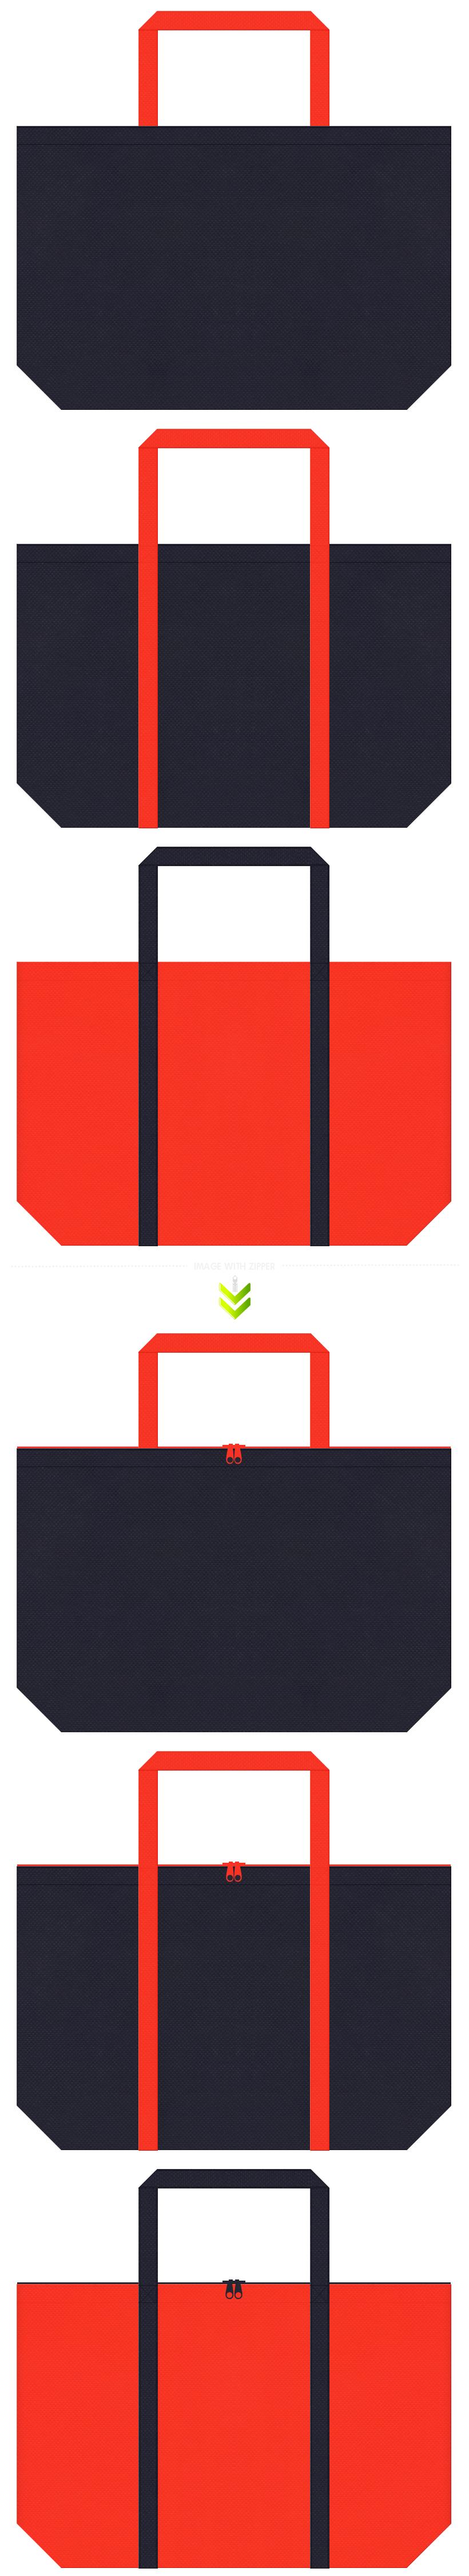 濃紺色とオレンジ色の不織布エコバッグのデザイン。スポーティーファッションのショッピングバッグにお奨めです。